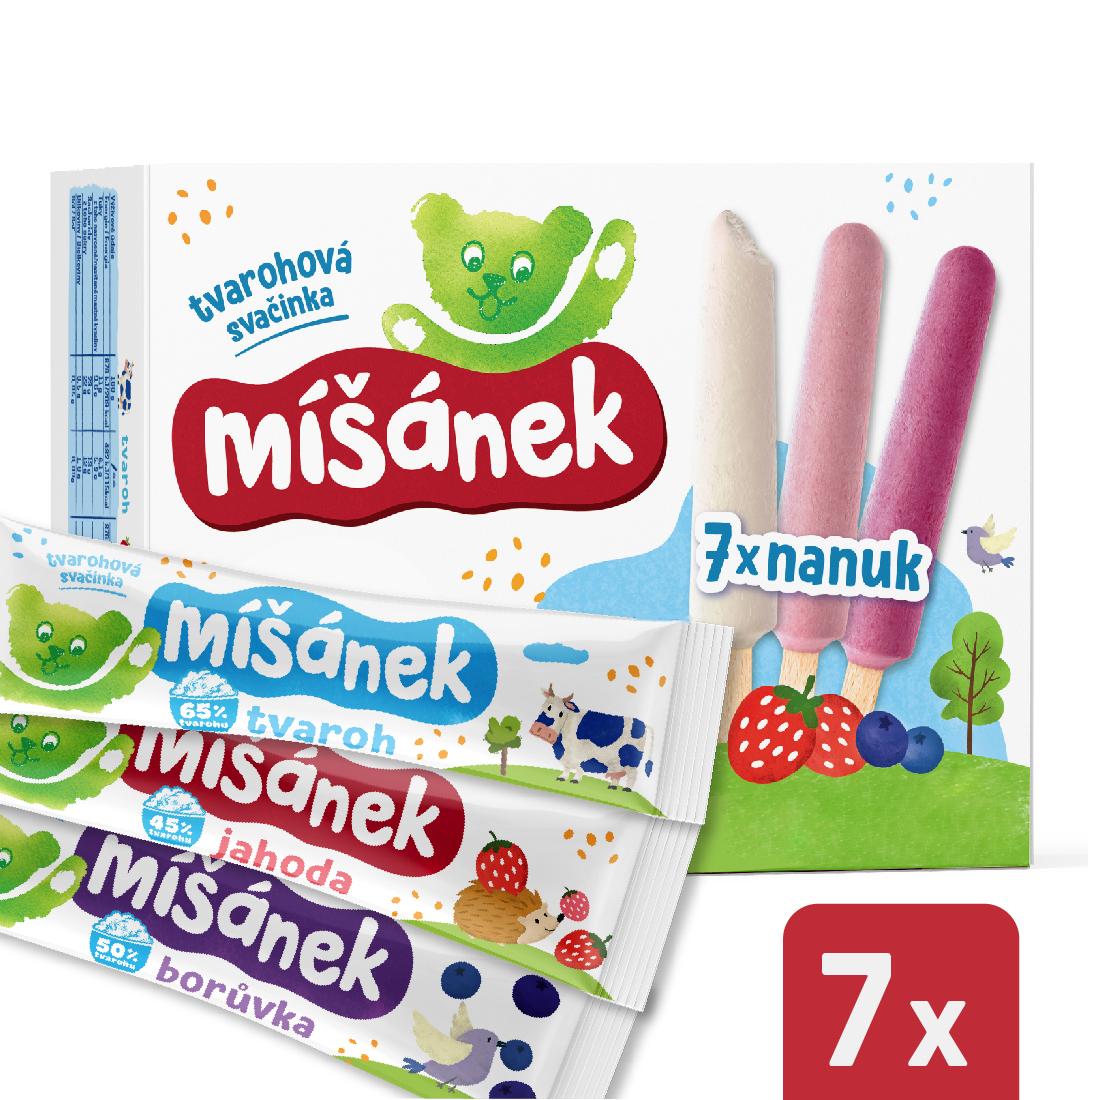 MÍŠÁNEK 32 ml / 7x 32 ml